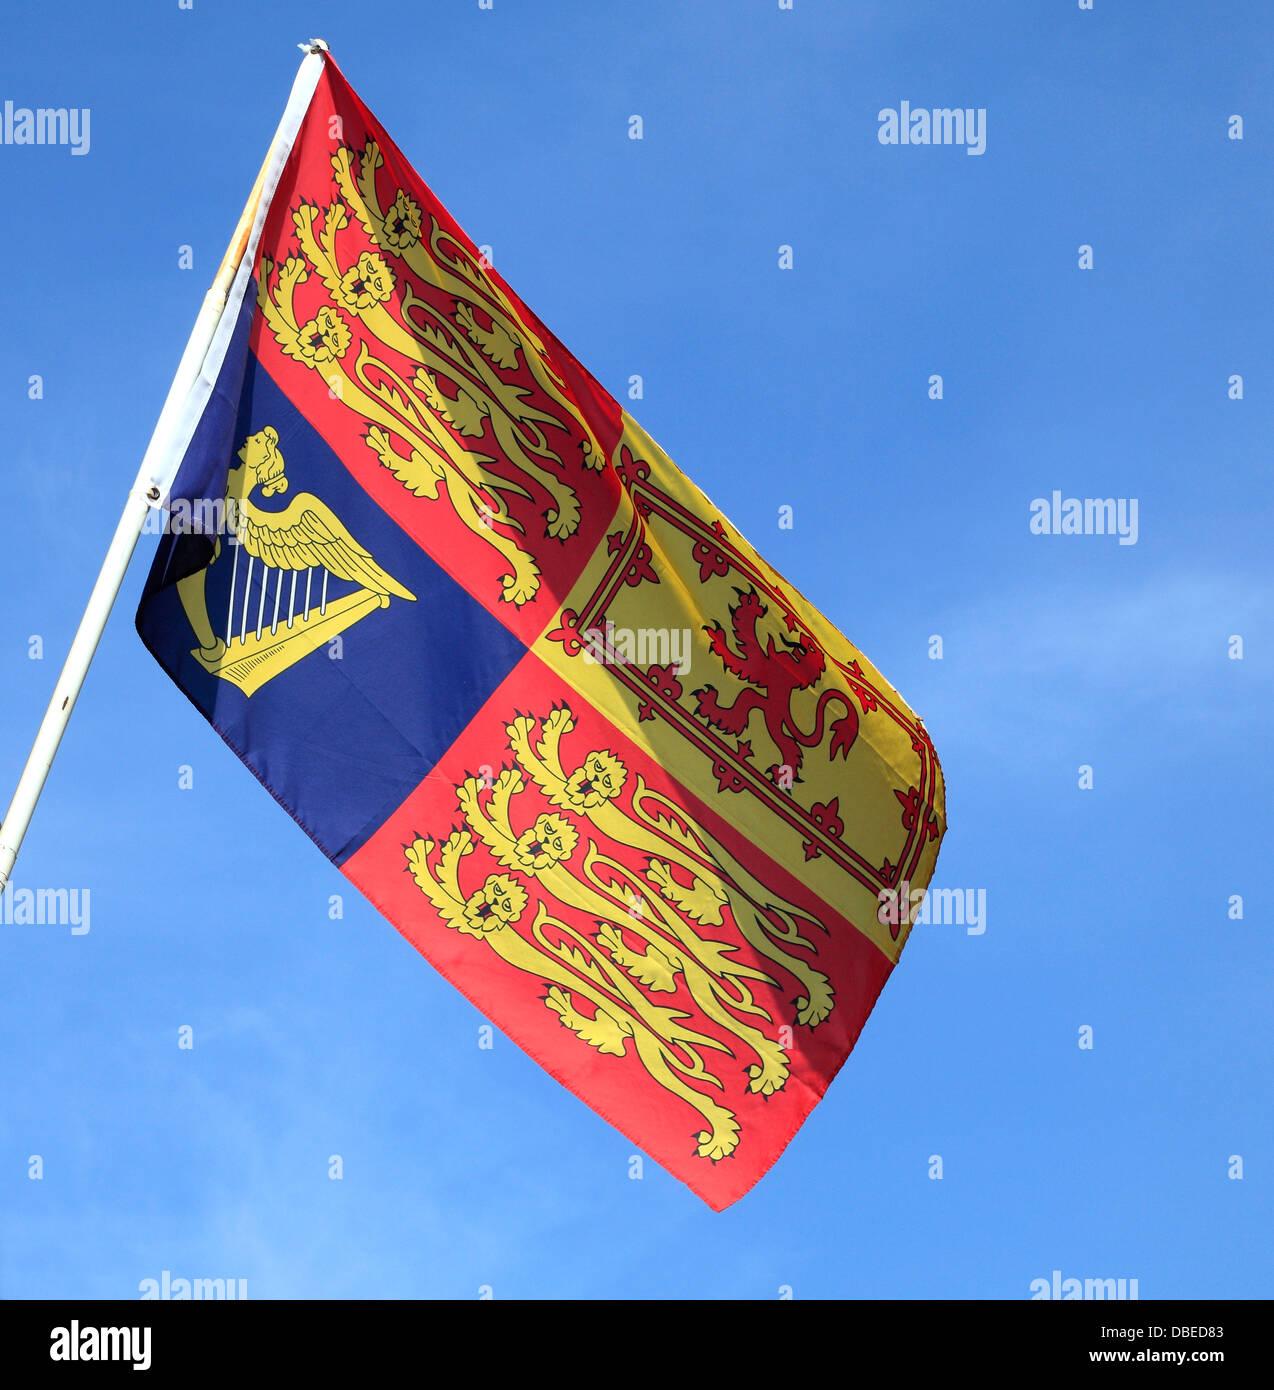 Royal Standard, Bandiera, Inghilterra bandiere del Regno Unito Immagini Stock